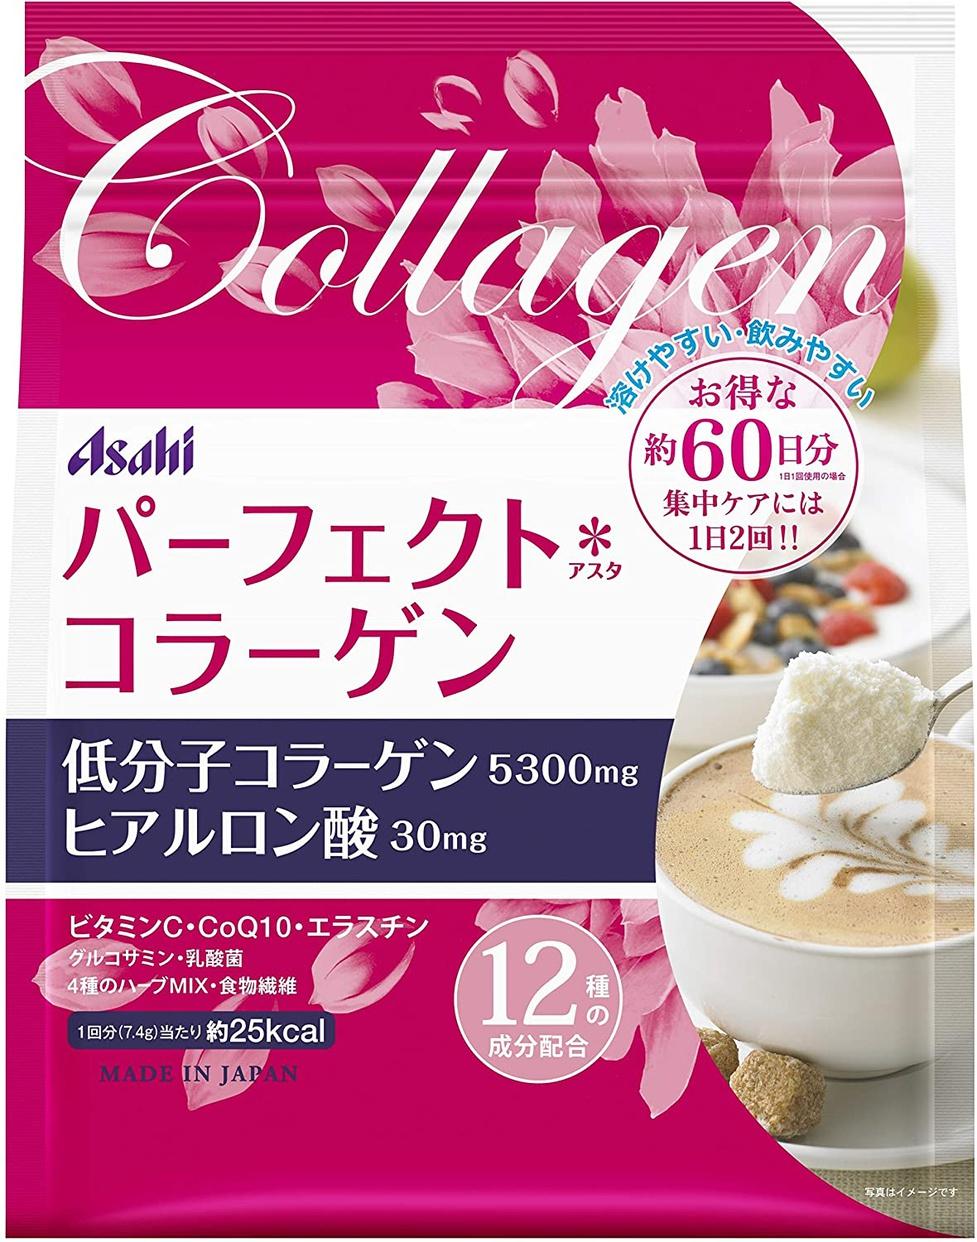 Asahi(アサヒグループショクヒン) パーフェクトアスタコラーゲン パウダーの商品画像